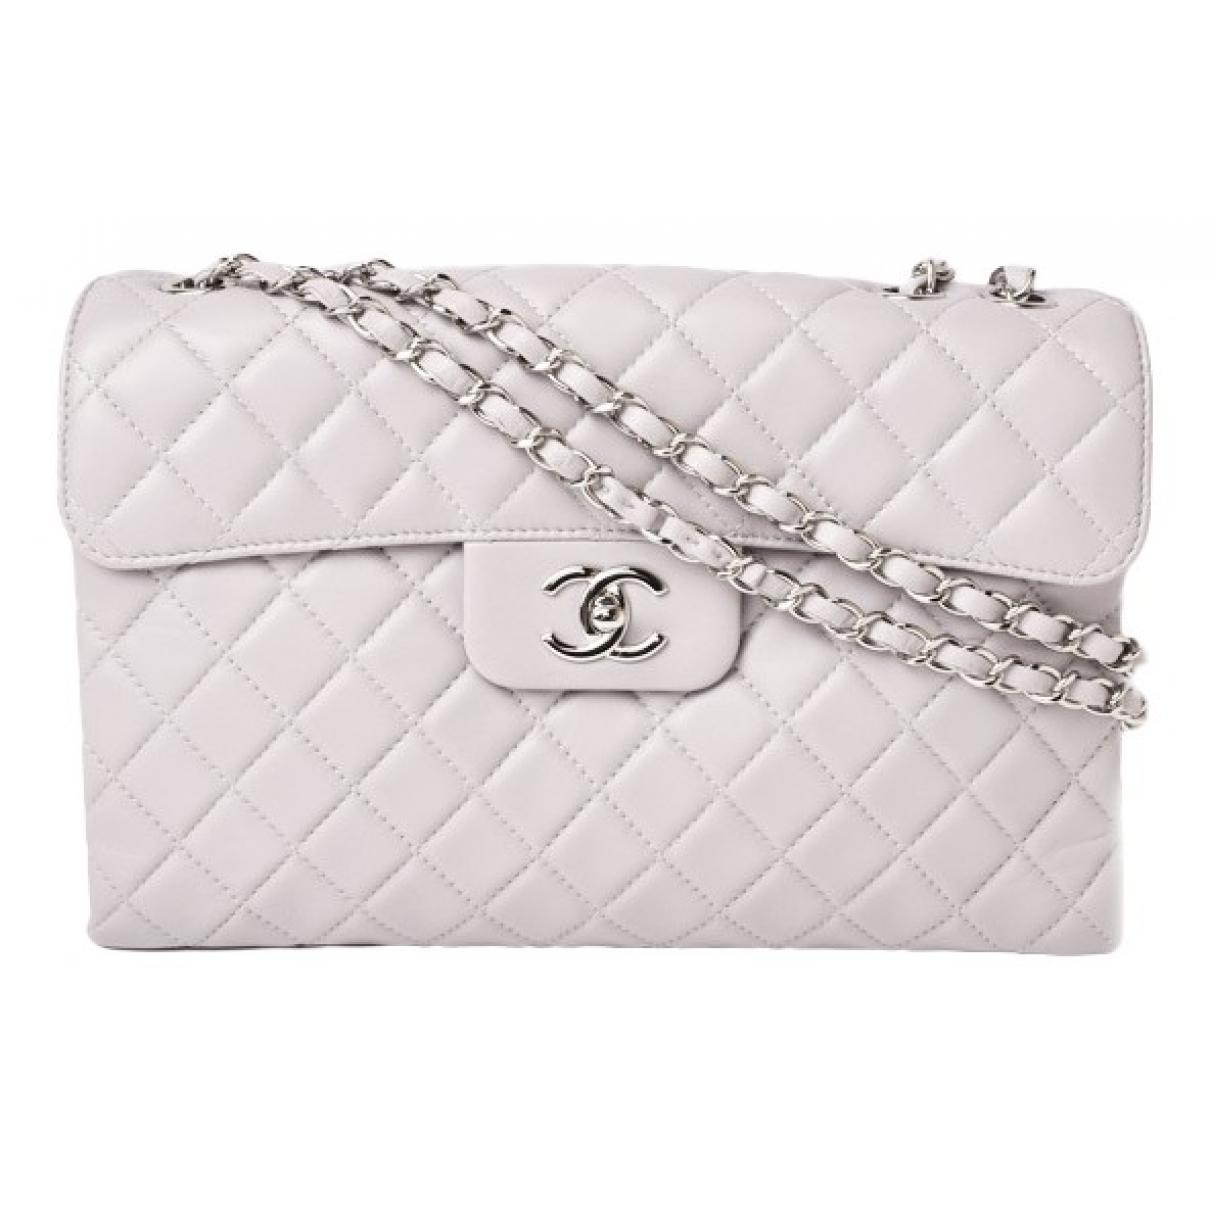 Chanel - Sac a main Timeless/Classique pour femme en cuir - gris